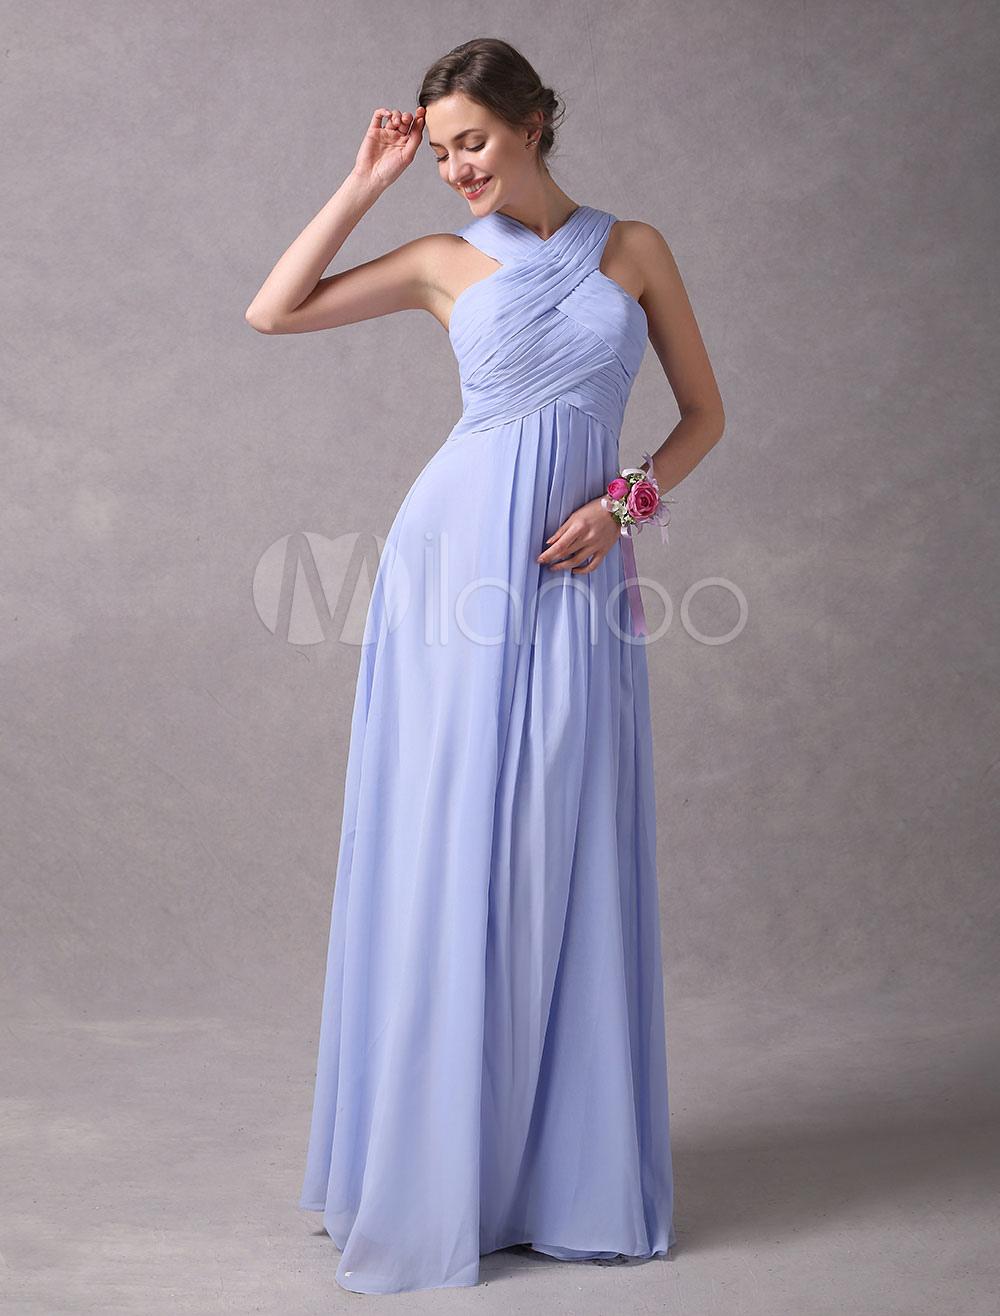 Vestidos de dama de honor violeta Vestido largo de fiesta de boda de ...